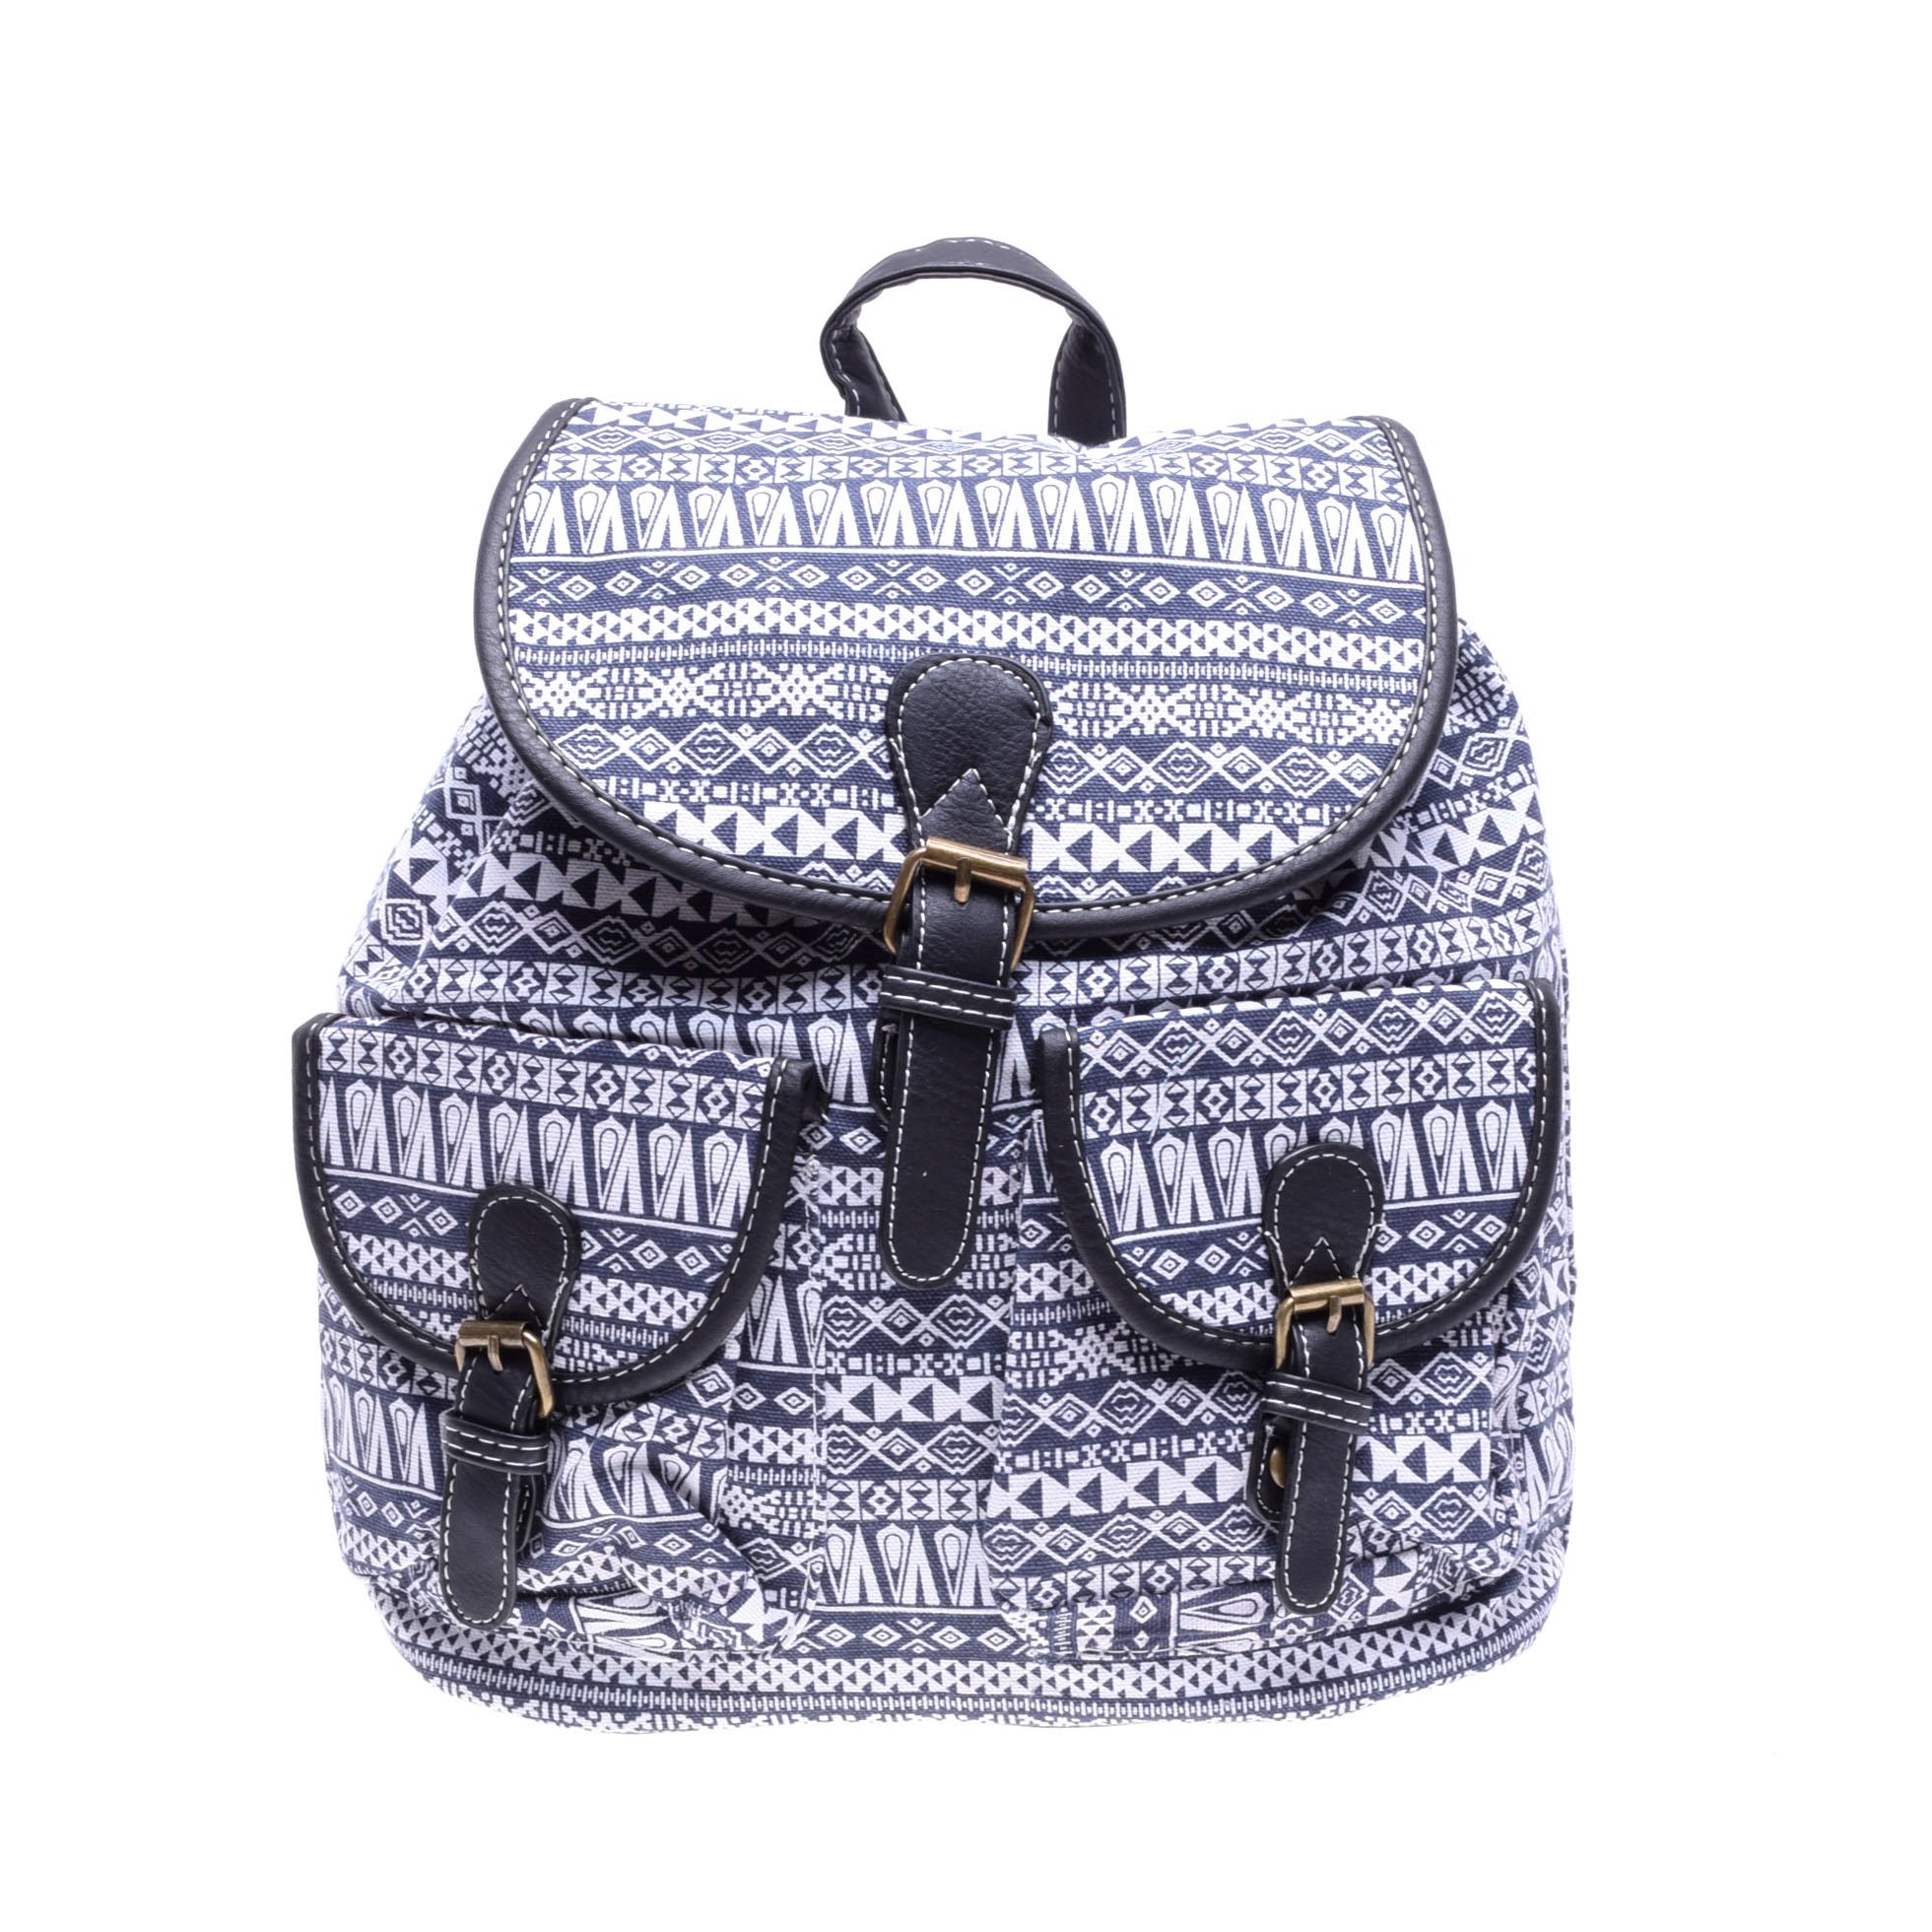 7af8cf60fac5 Mintás Fekete/Kék Női Vászon Hátizsák - Vászon - Táska webáruház - Minőségi  táskák mindenkinek